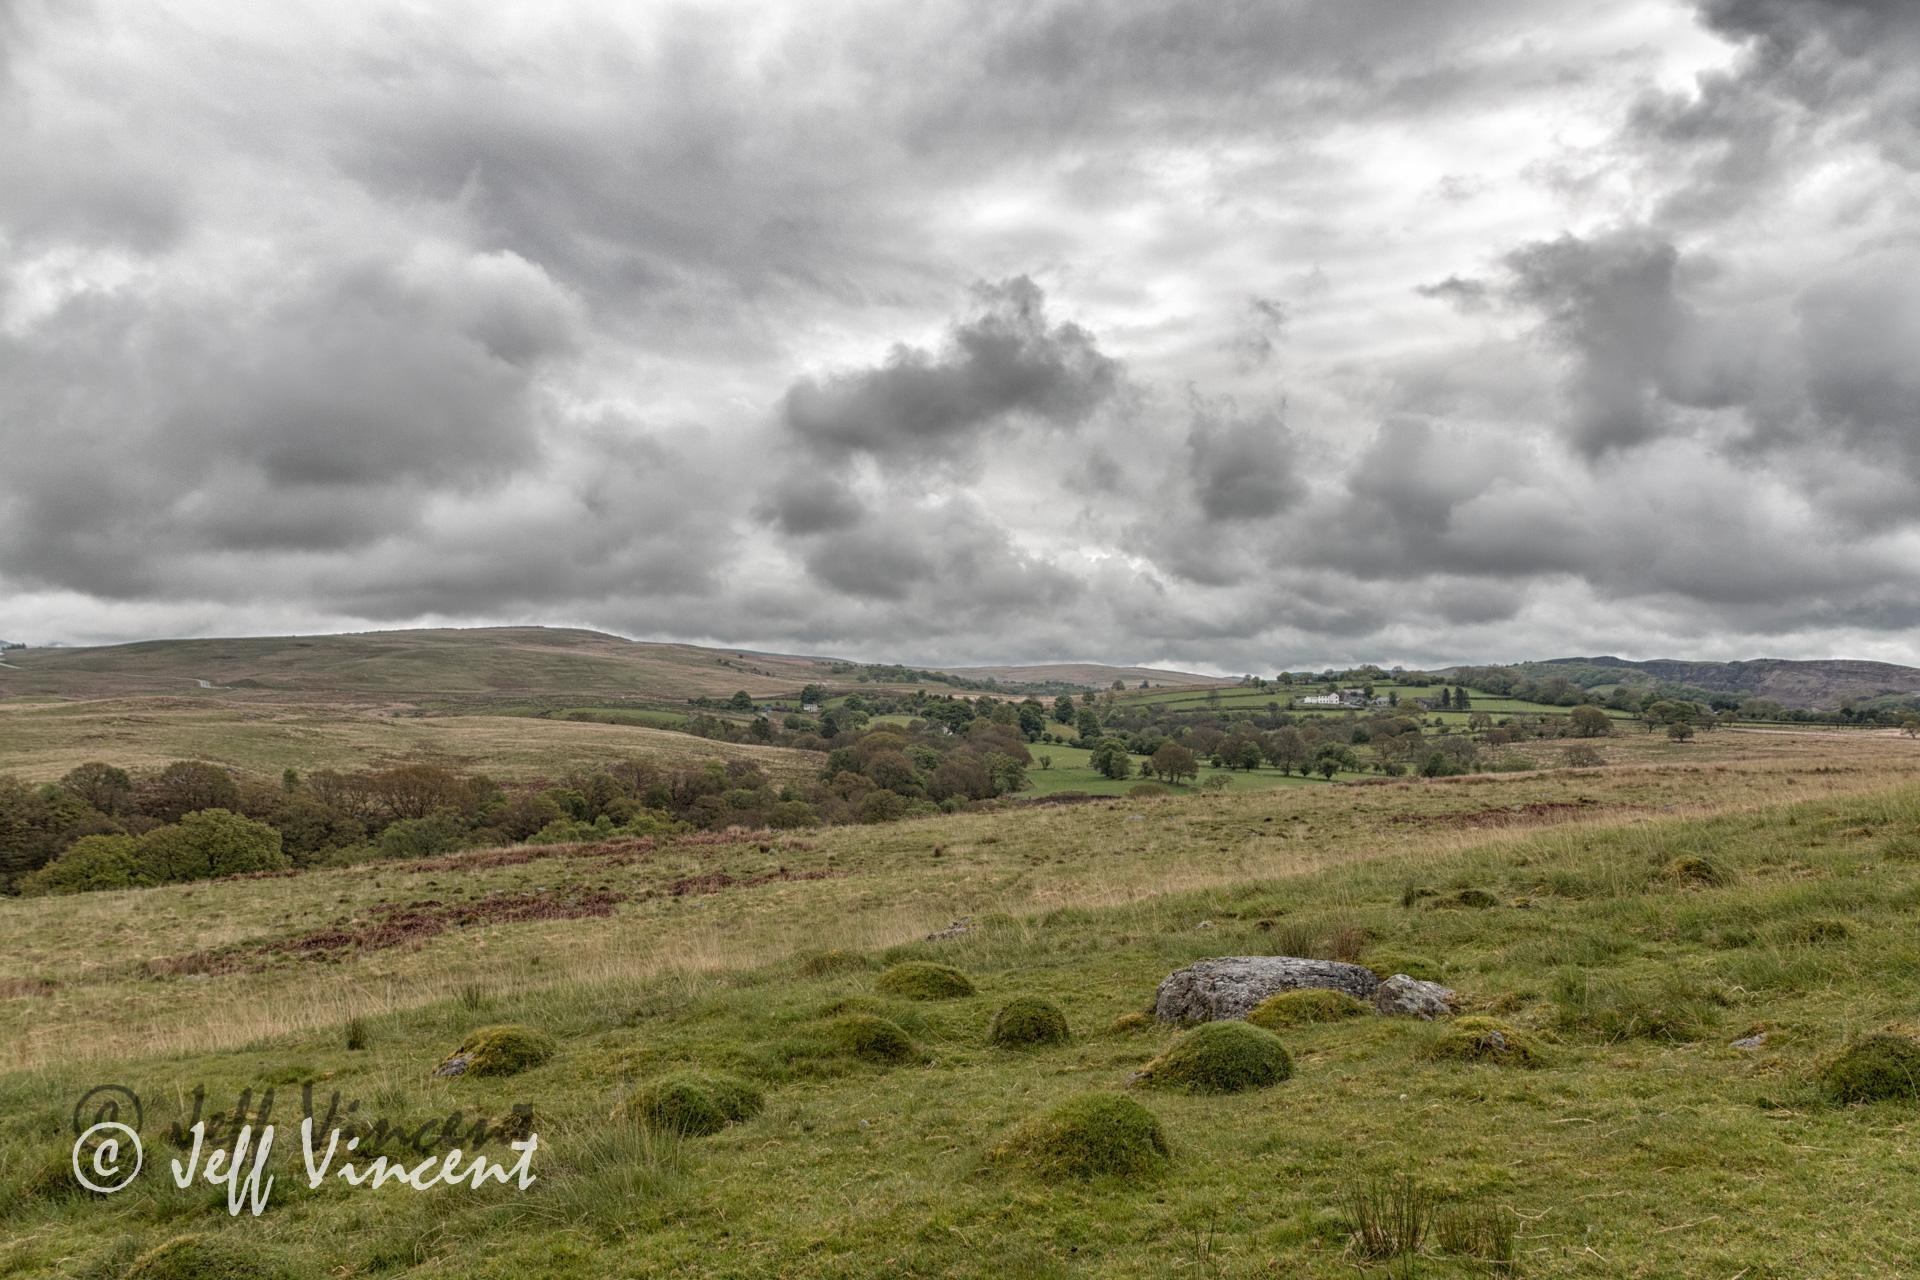 View near Penderyn